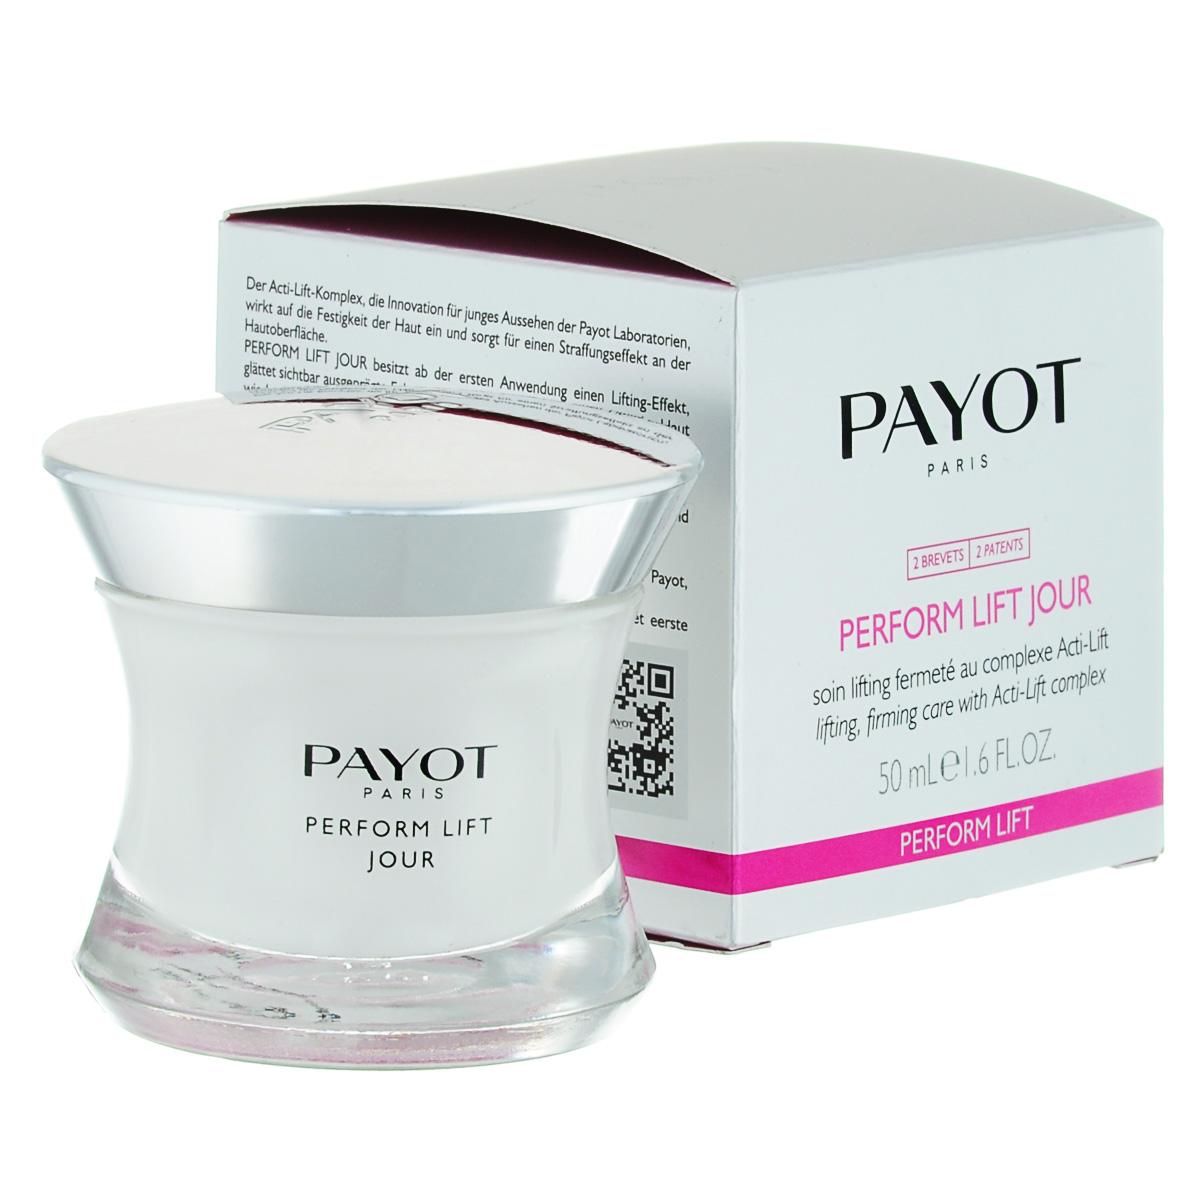 Payot Укрепляющее и подтягивающее средство Perform Lift для лица 50 млБ63003 мятаКрем подтягивает и разглаживает кожу; возвращает коже упругость и эластичность; заметно разглаживает глубокие морщины.Наносите крем утром на очищенную кожу лица.